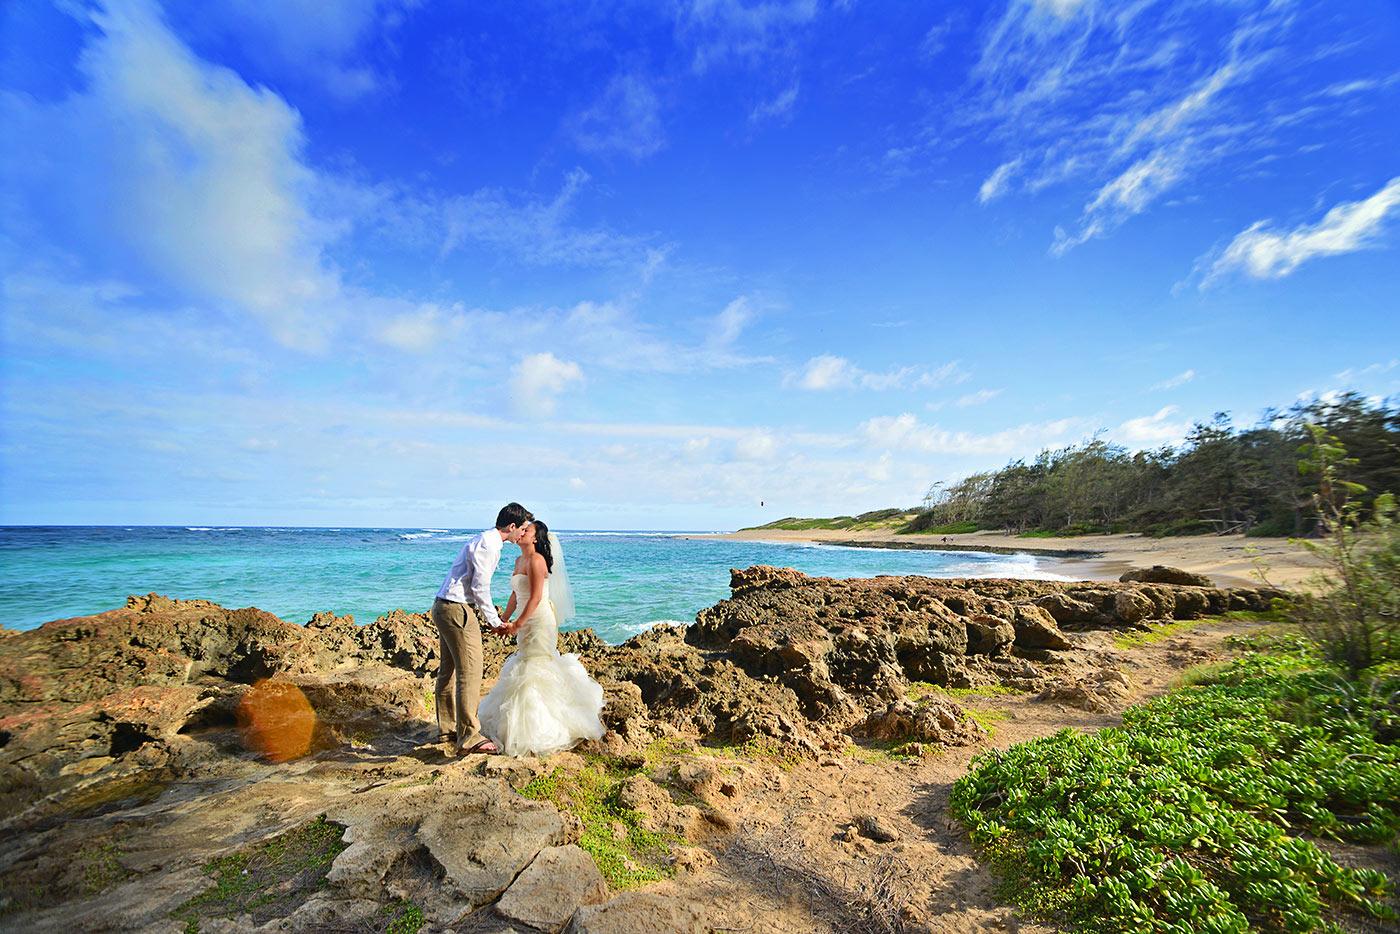 Kauai-Island-Hawaii-wedding-photo-(16).jpg